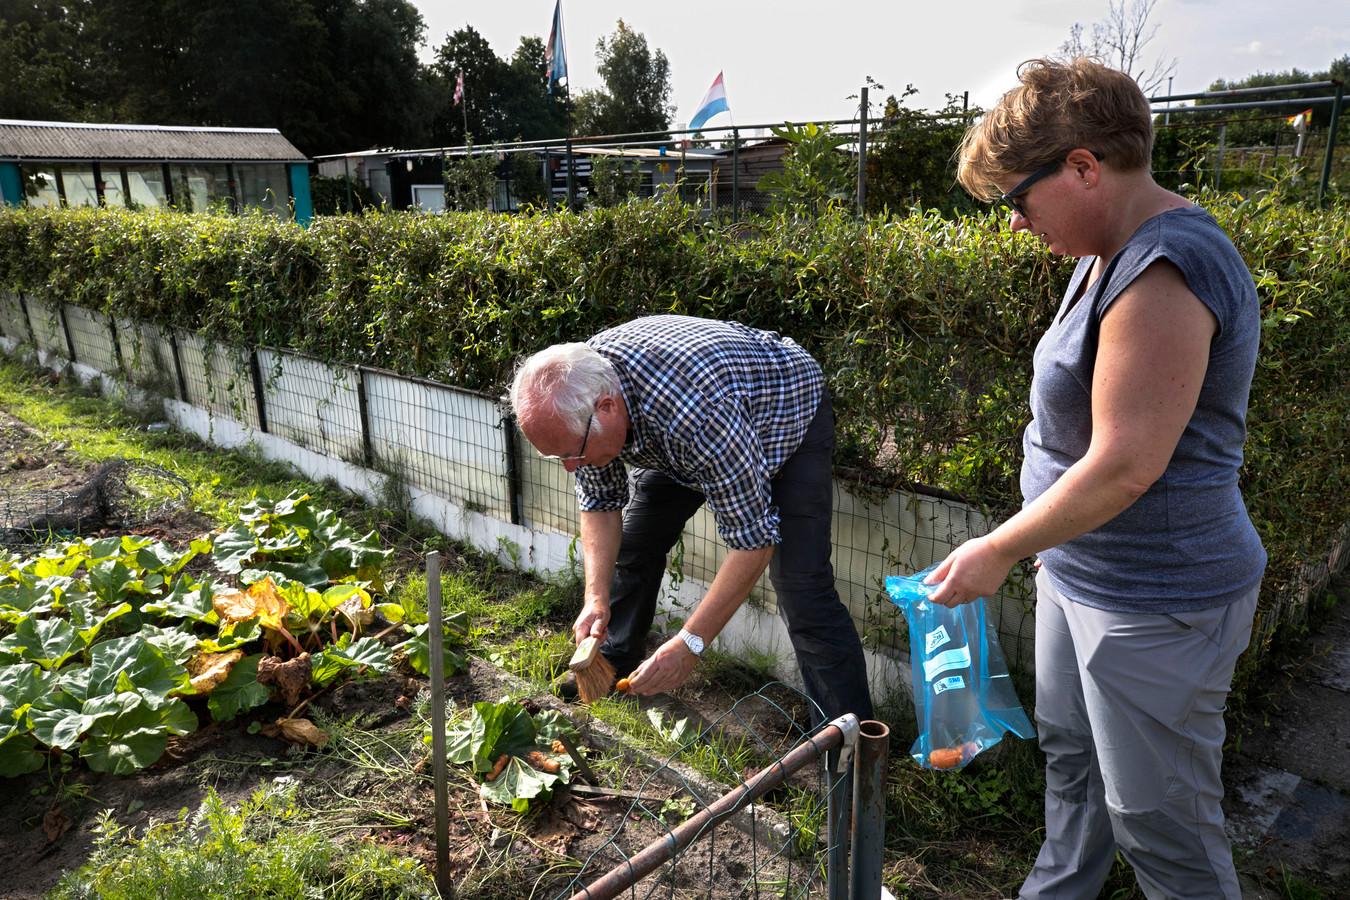 Albert Klarenberg van onderzoeks- en adviesbureau Tritium (l) en Tessa Pancras verzamelen wortels in de moestuinen aan de Sluisdijk in Helmond.